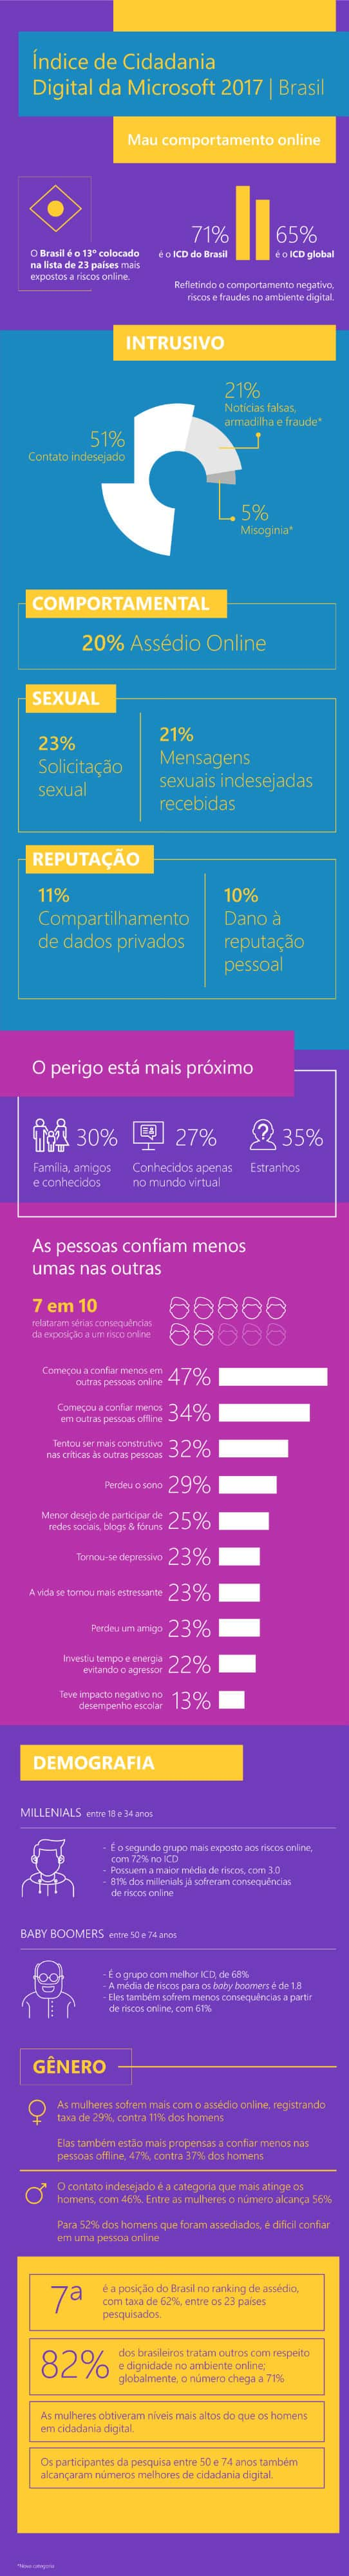 20180208101459 - 30% dos crimes online no Brasil são cometidos por conhecidos da vítima